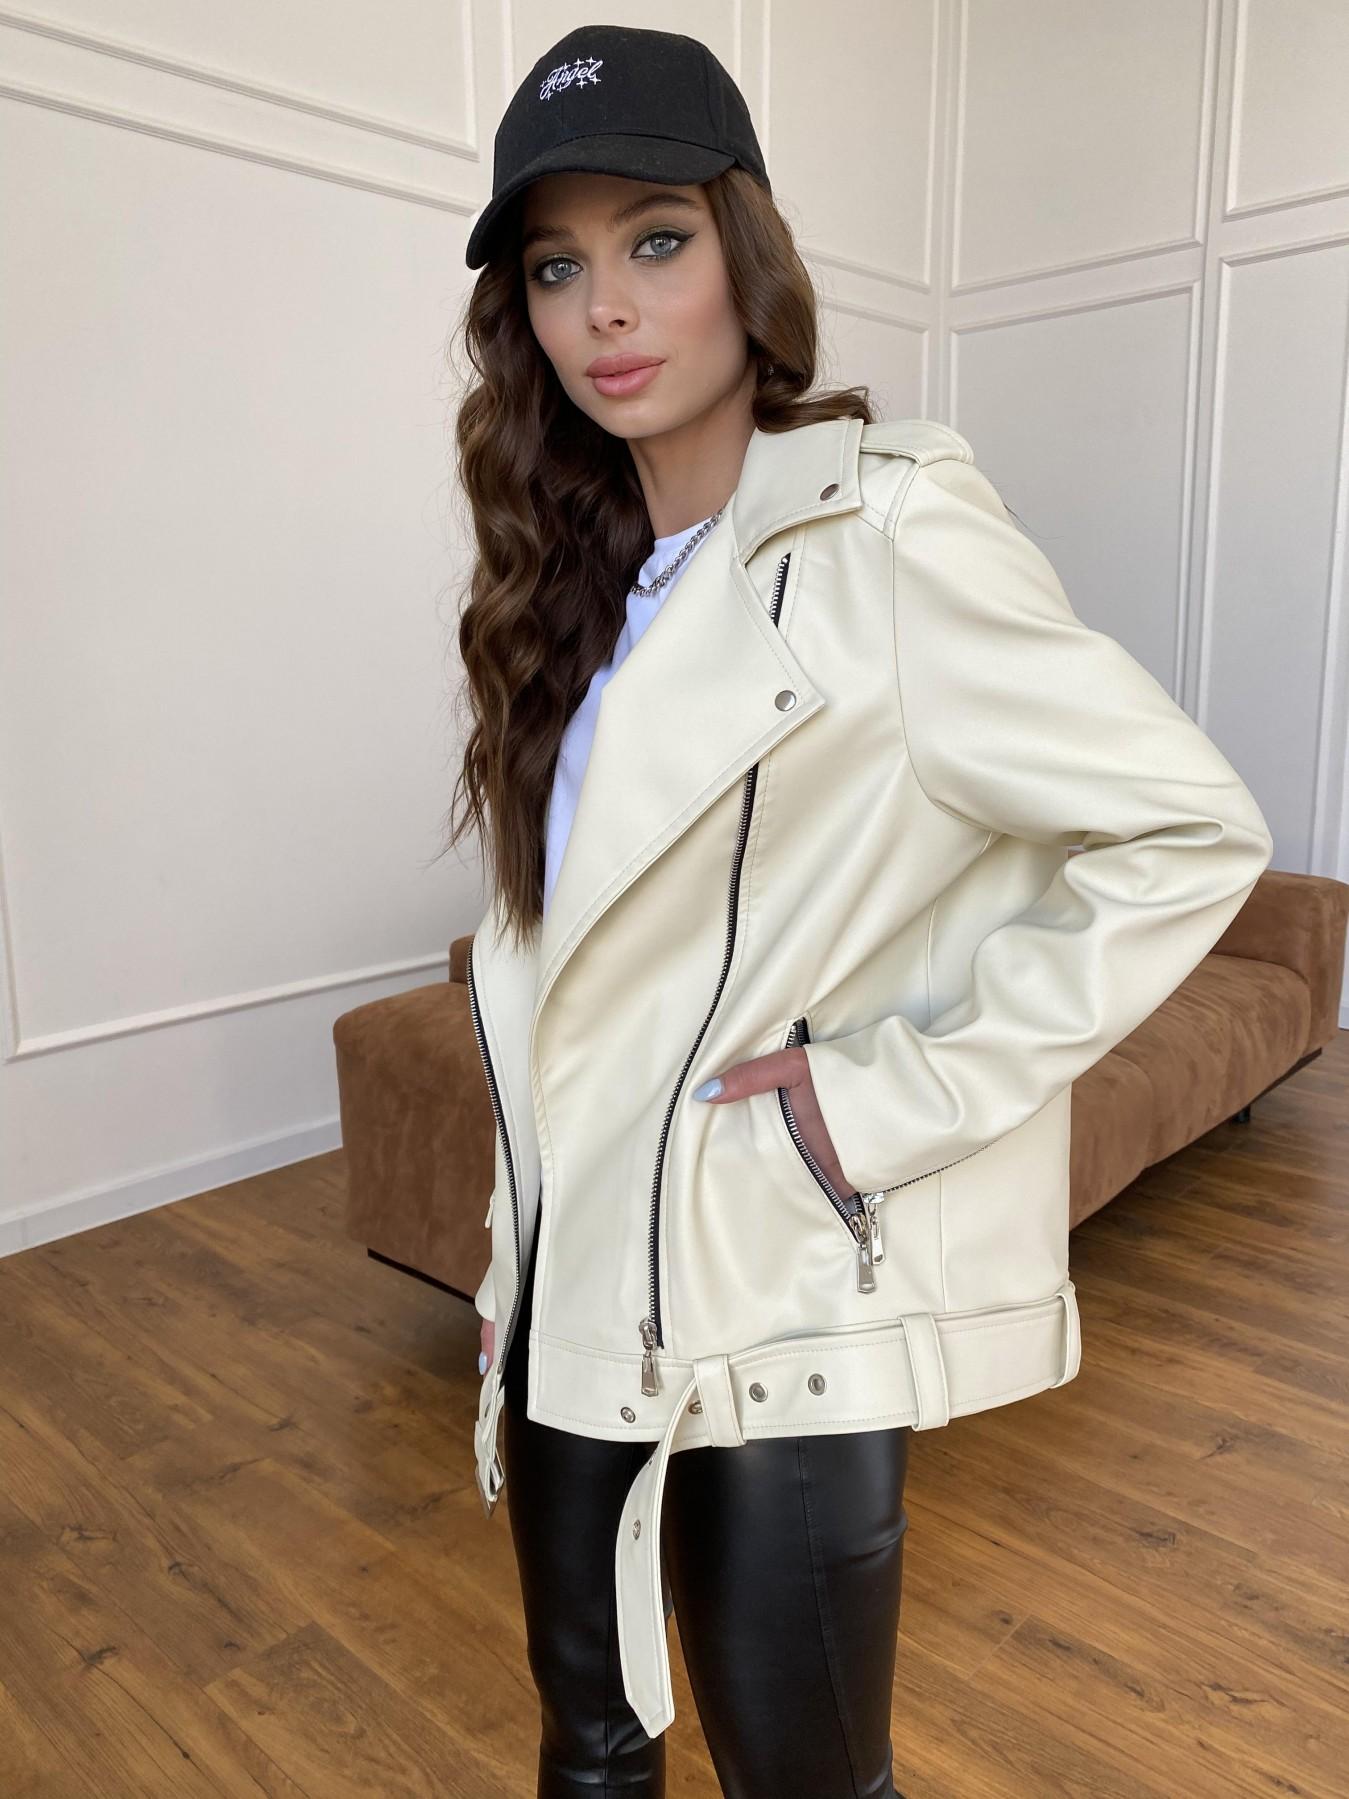 Босс куртка из экокожи прокатанной  11173 АРТ. 47771 Цвет: Бежевый Светлый - фото 7, интернет магазин tm-modus.ru